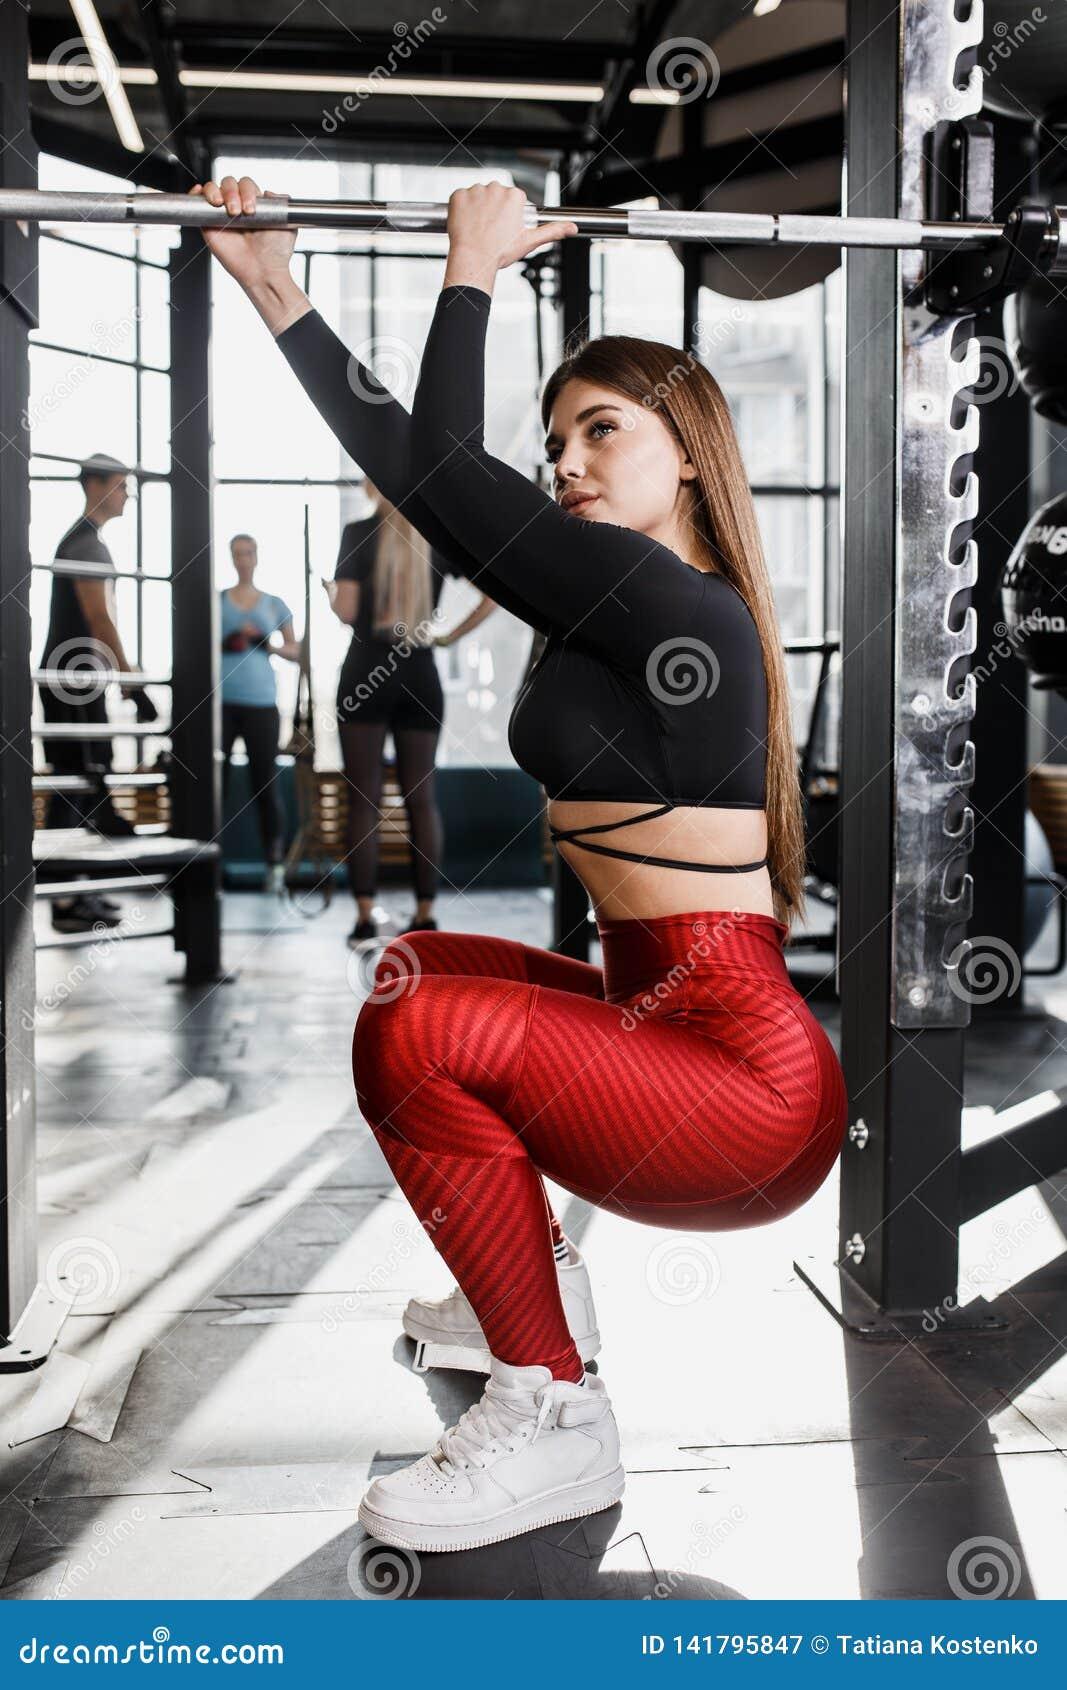 Атлетическая милая девушка в стильных ярких одеждах спорт представляет рядом с турником в современном спортзале